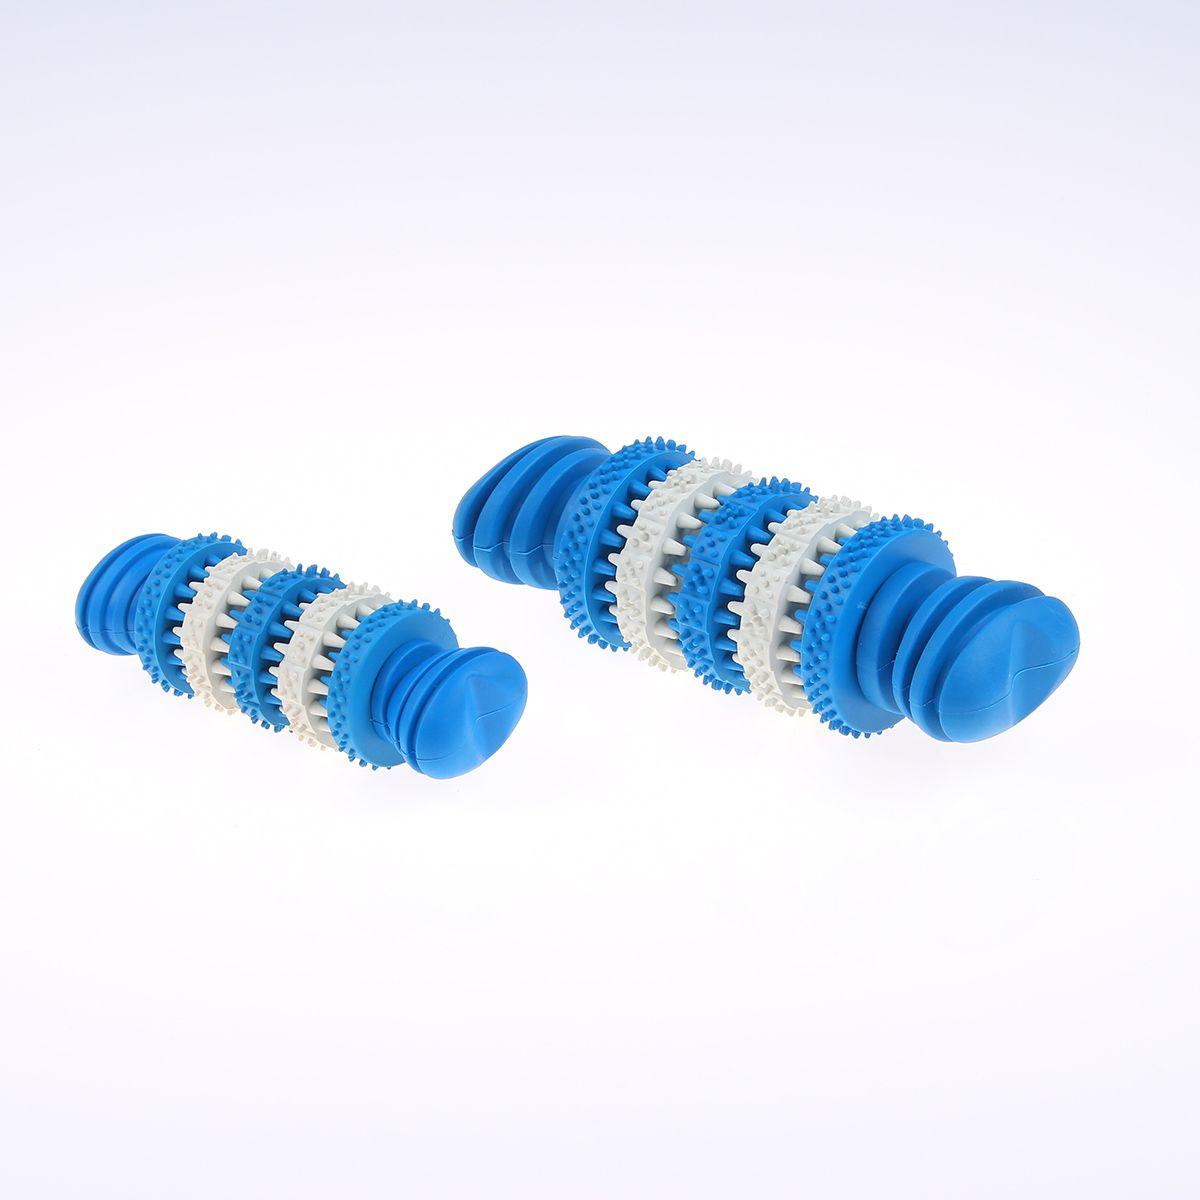 厂家直销天然橡胶宠物磨牙棒哑铃可供亚马逊